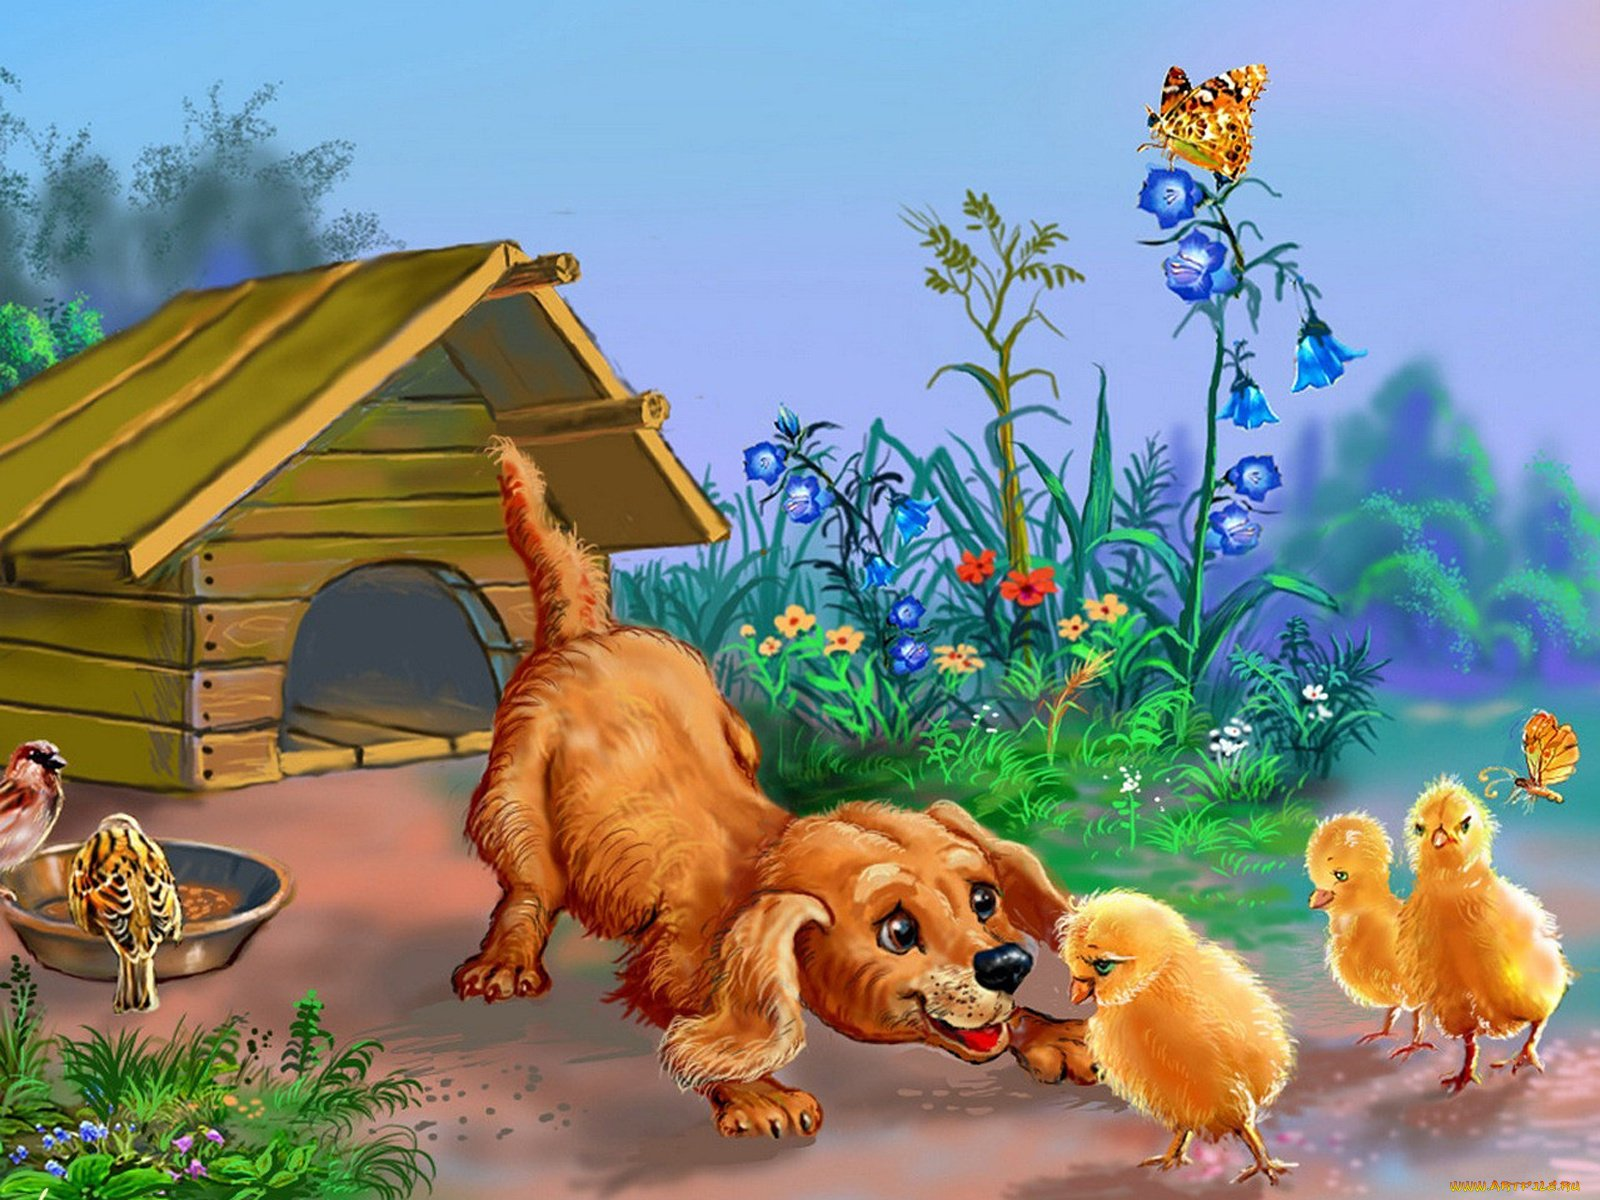 сложности картинка щенок с мамой сказочная название поста